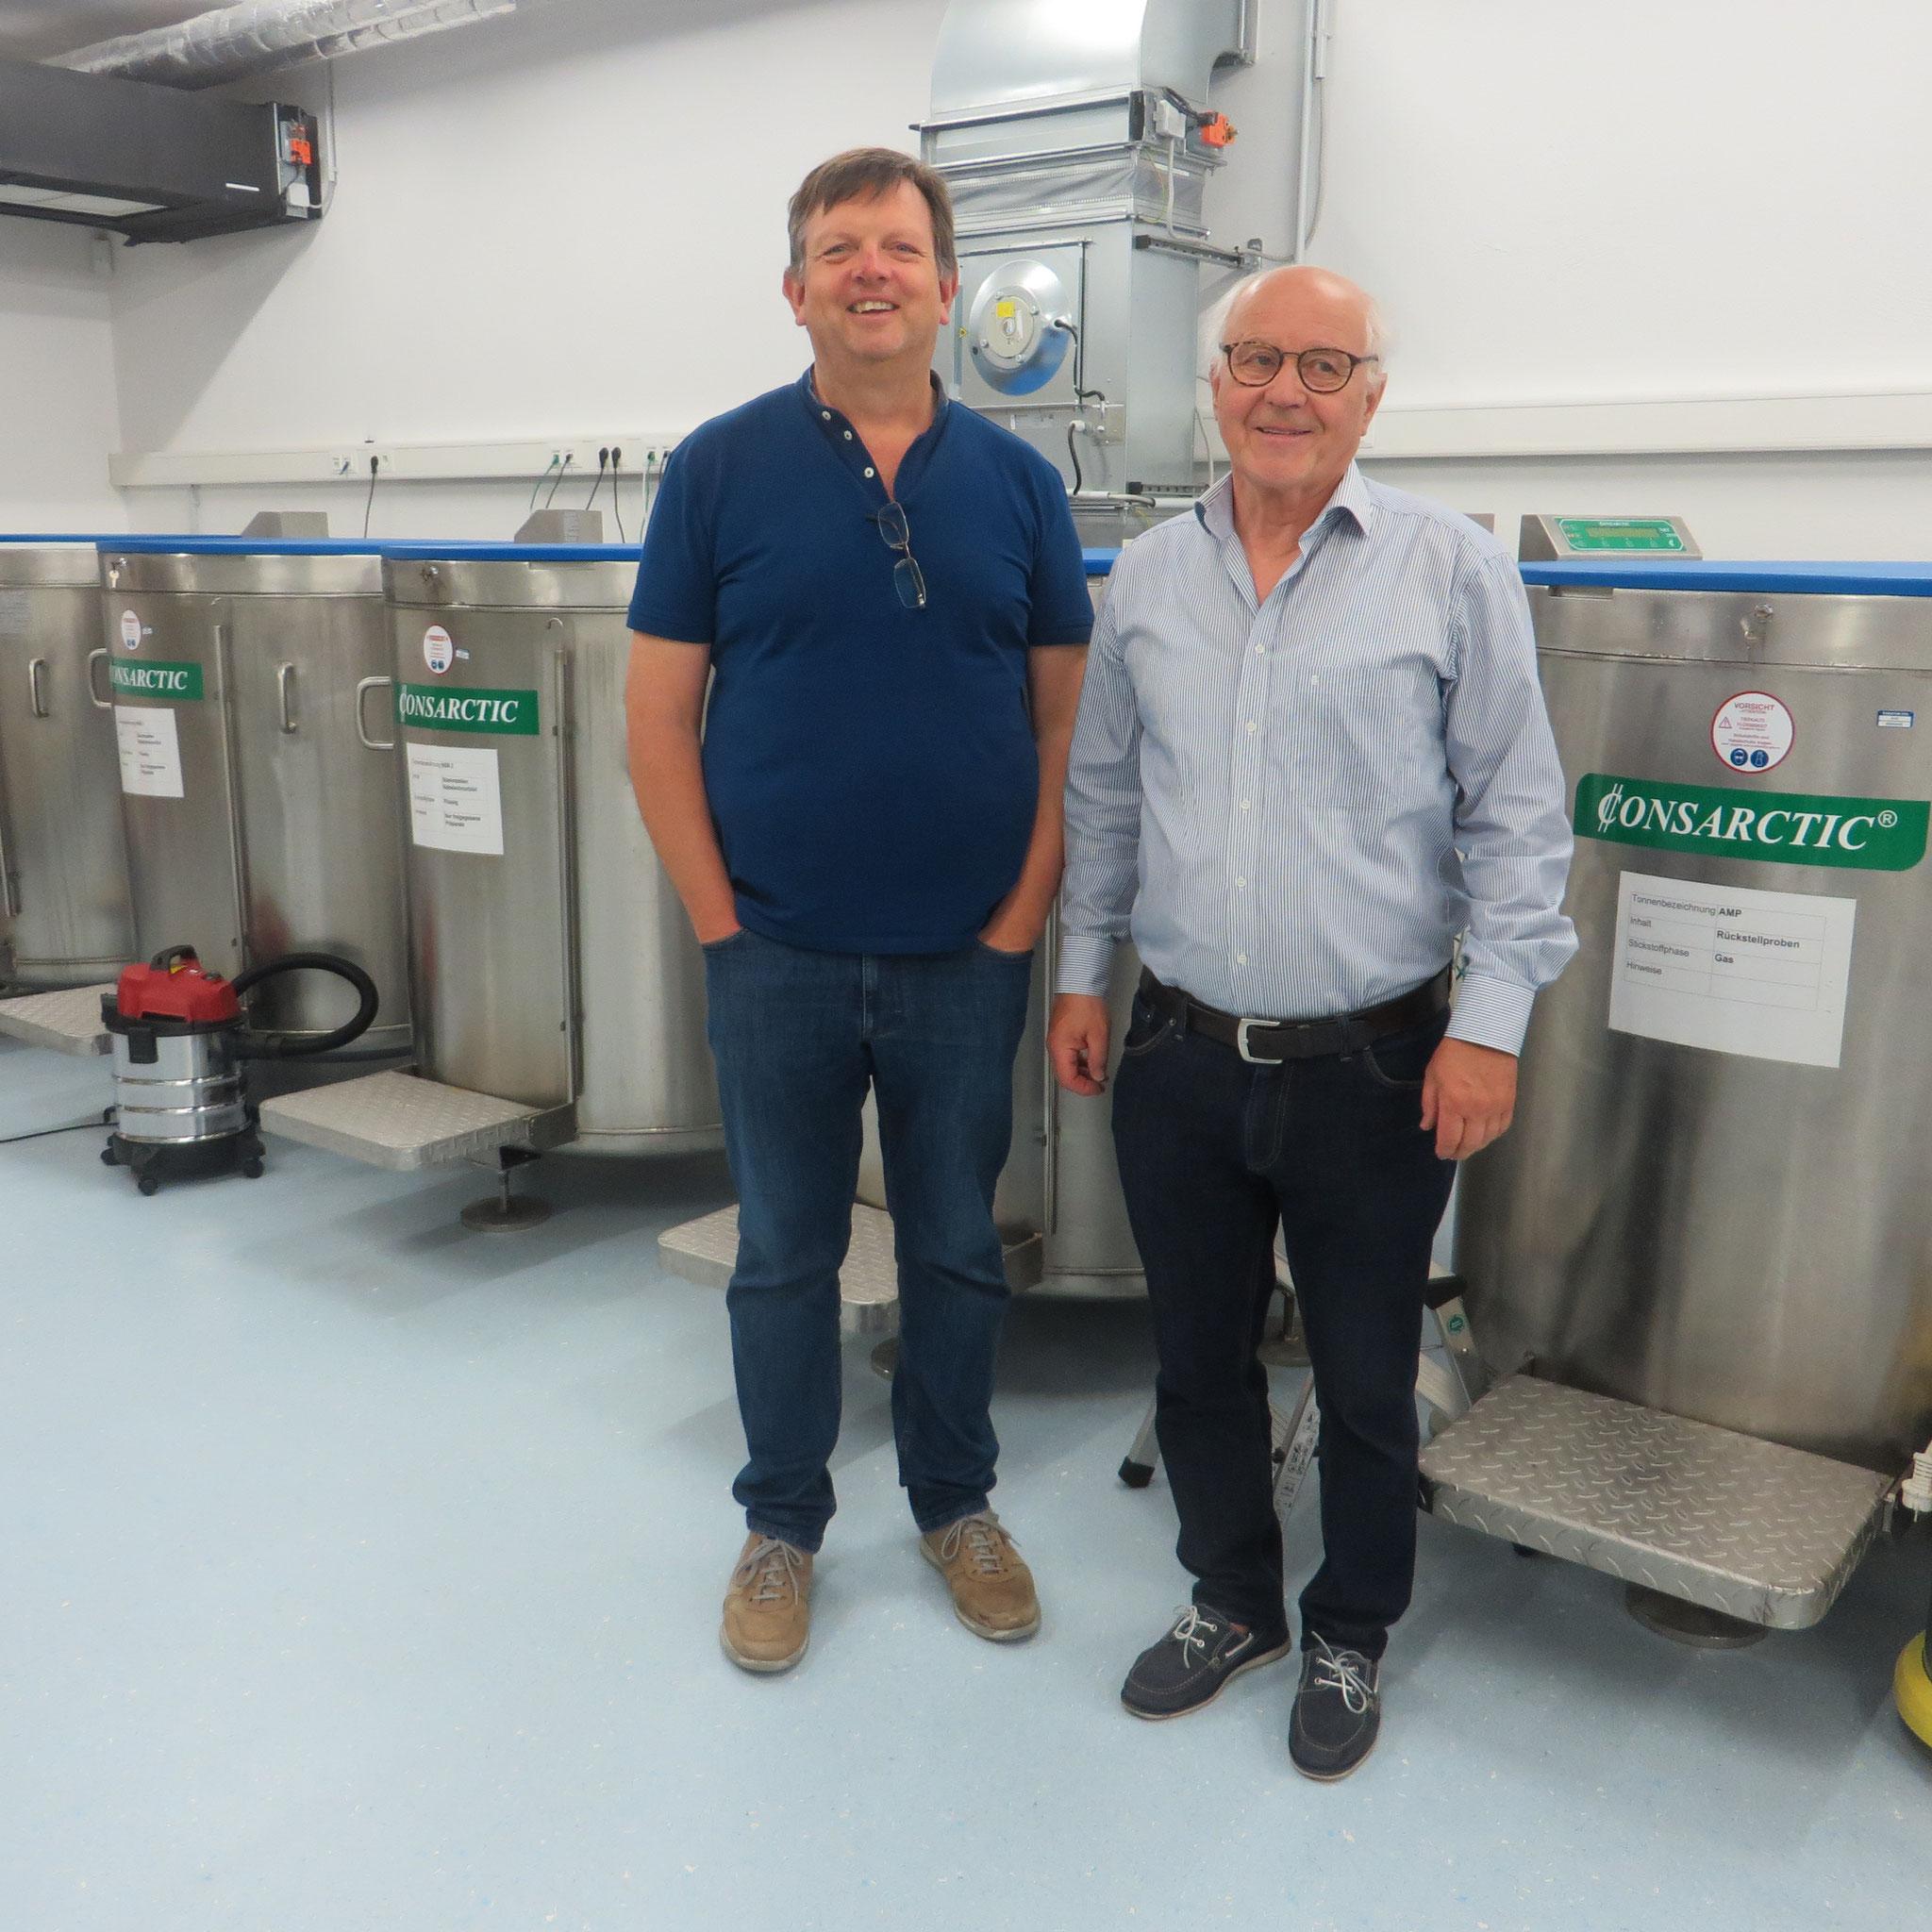 Gruppenleiter Horst Wallner bedankte sich bei Dr. Knabe im Namen der Gruppenmitglieder sowie Evi Huber und Gerhard Spitzenpfeil von der Leukämie Hilfe Passau für die Einladung und die vielen Informationen.